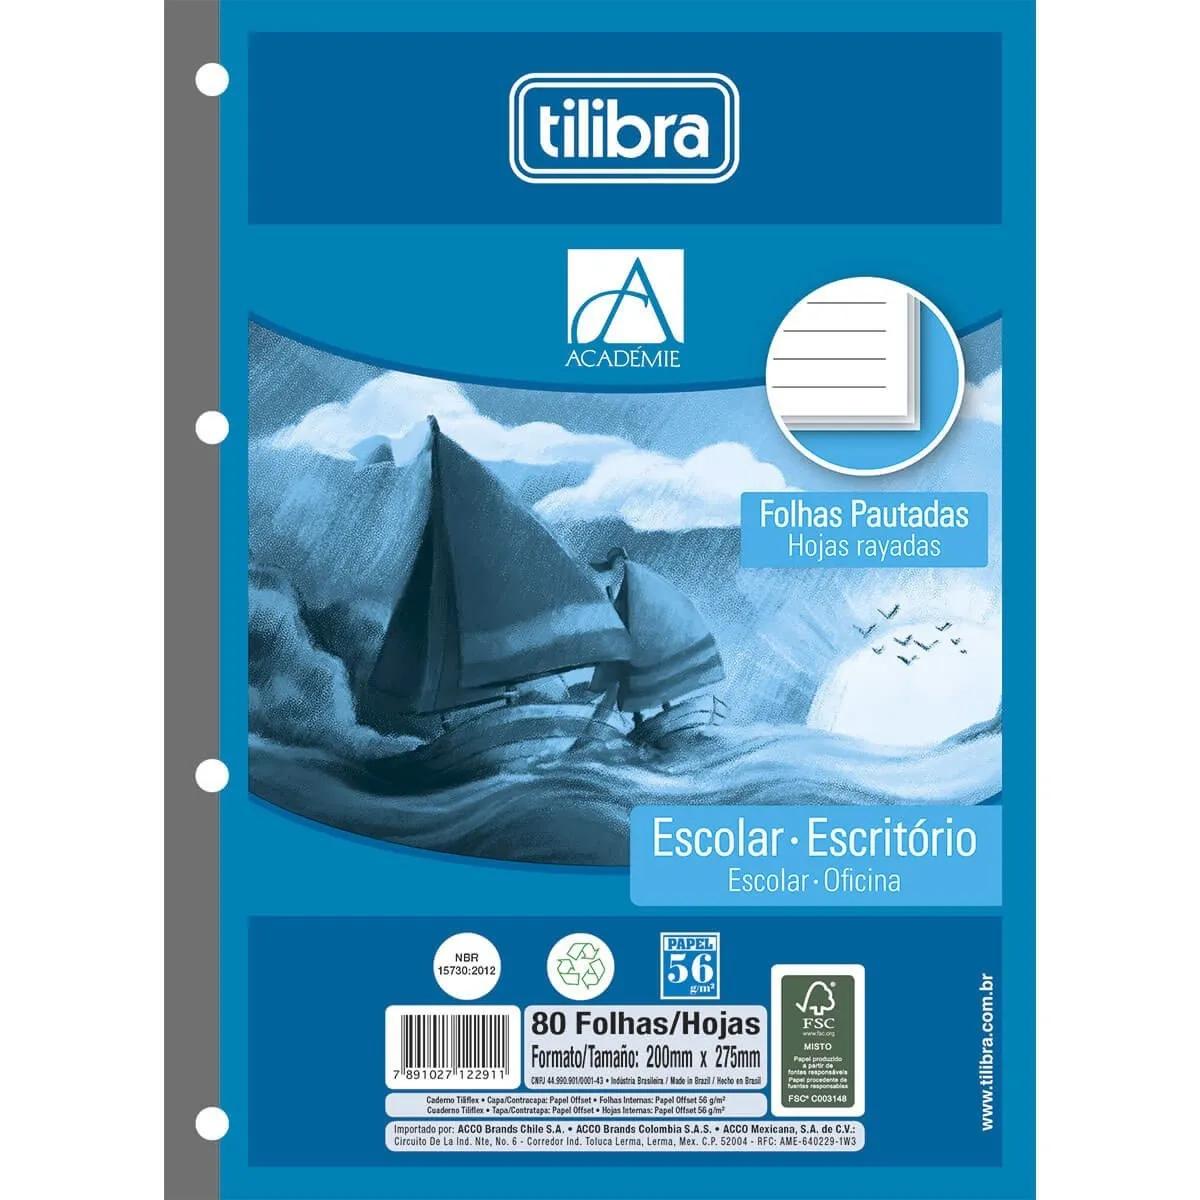 Caderno Refil Fichário Tiliflex Academie 80 Folhas Tilibra